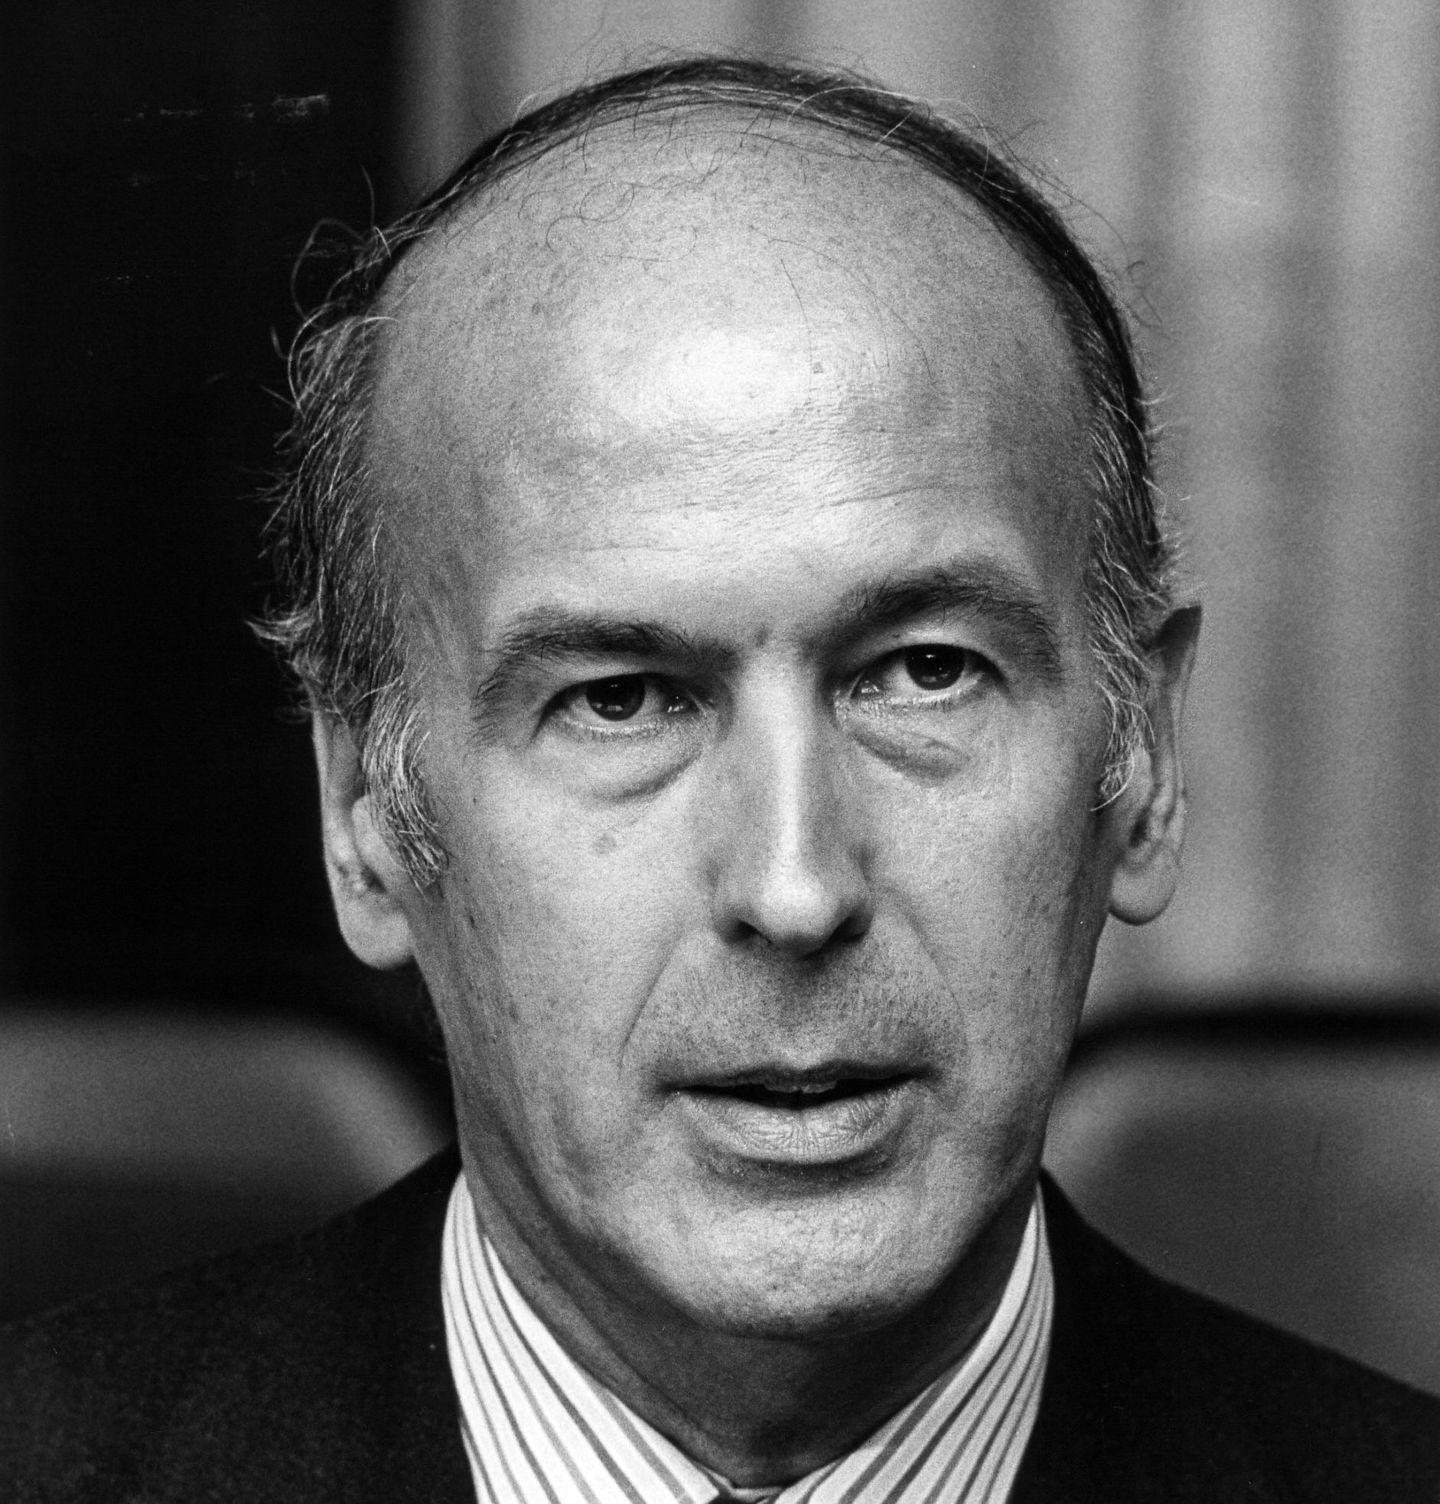 Journée de deuil national pour Valery Giscard d'Estaing